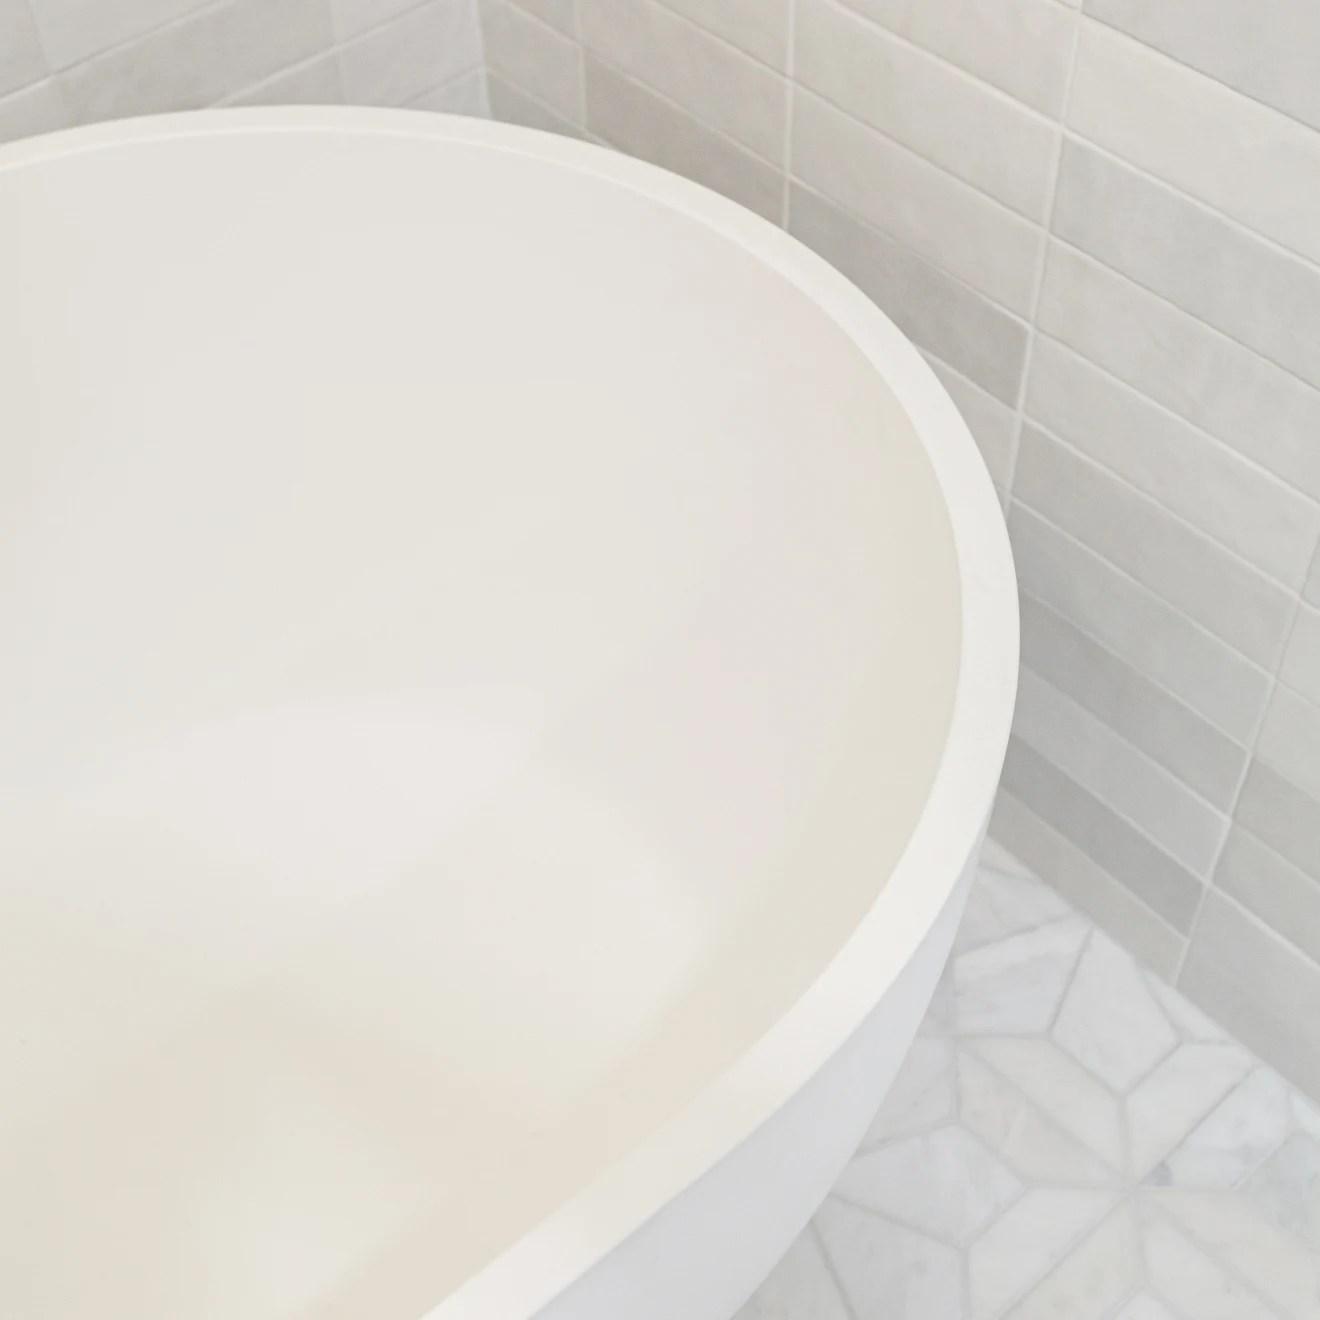 cloe 2 5 x 8 ceramic tile in white